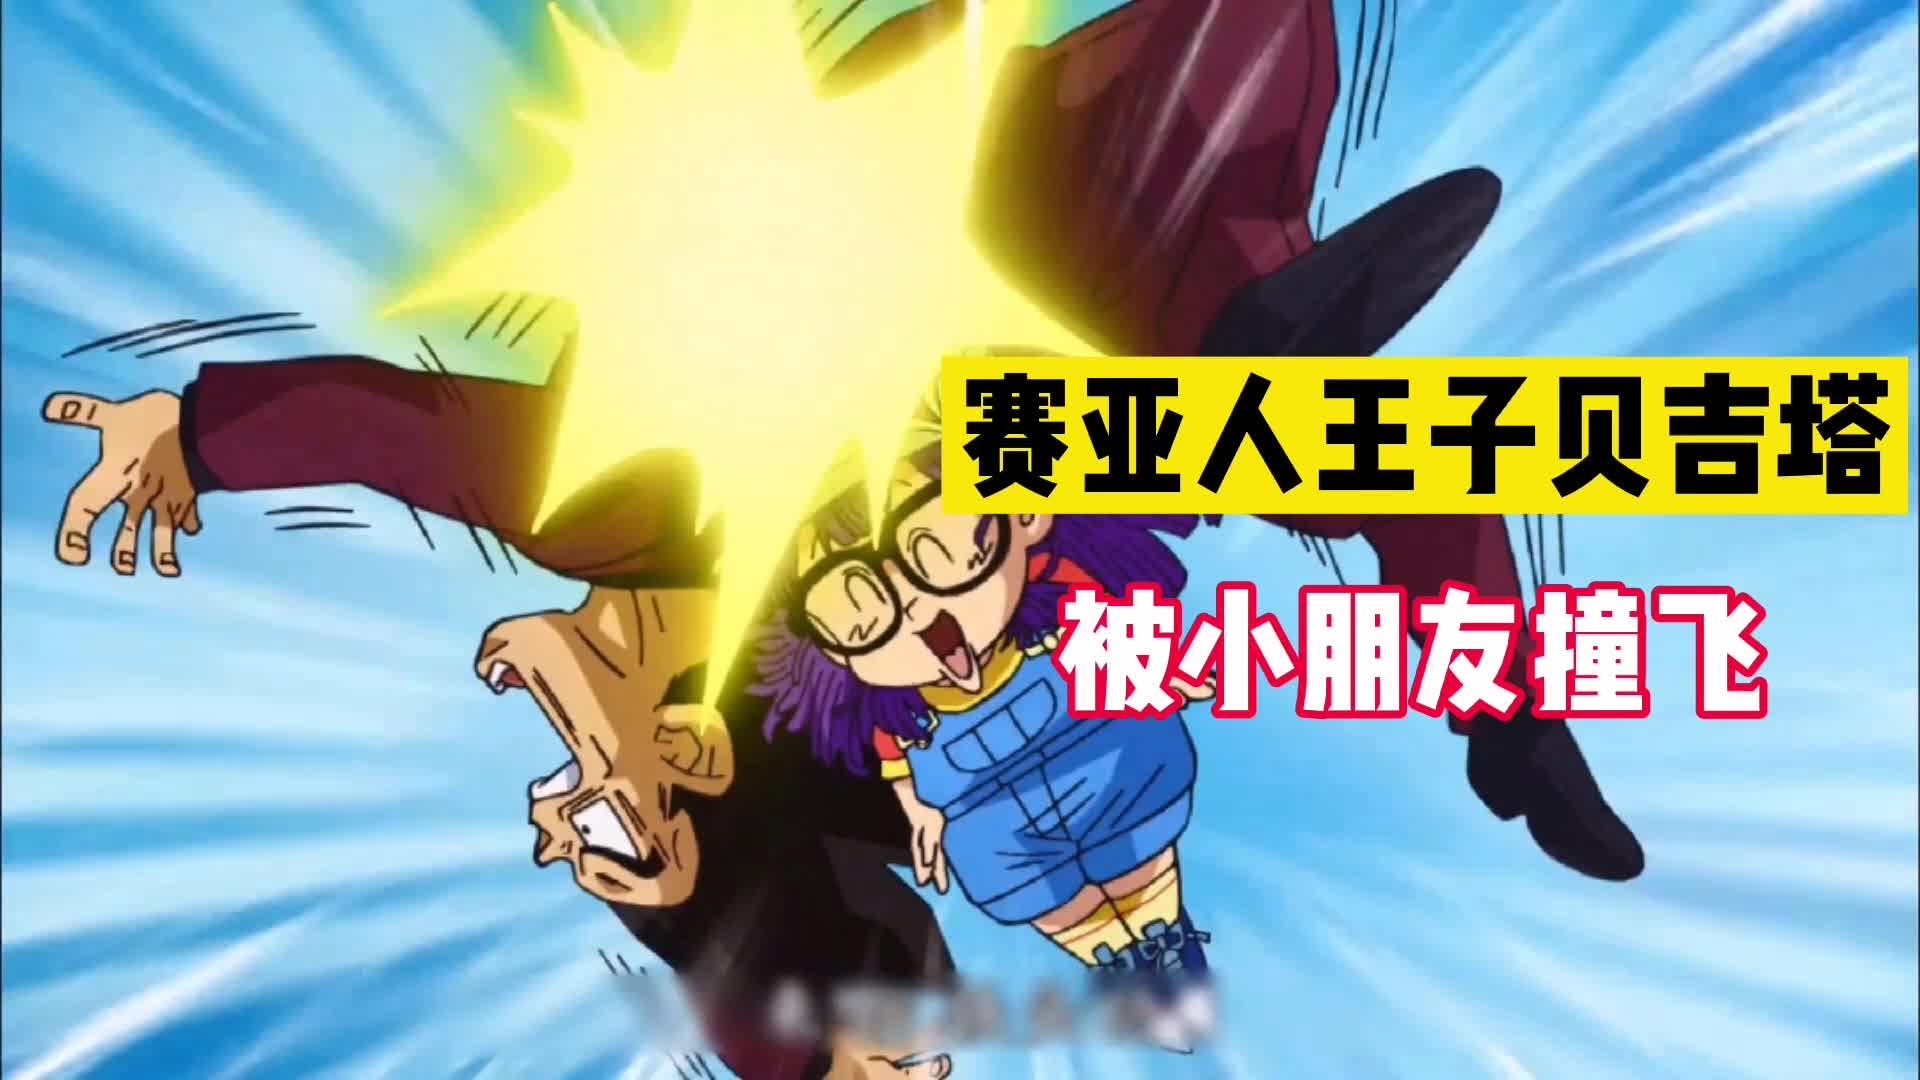 龙珠超: 赛亚人贝吉塔王子的神吐槽。不要跟搞笑漫画主角打架